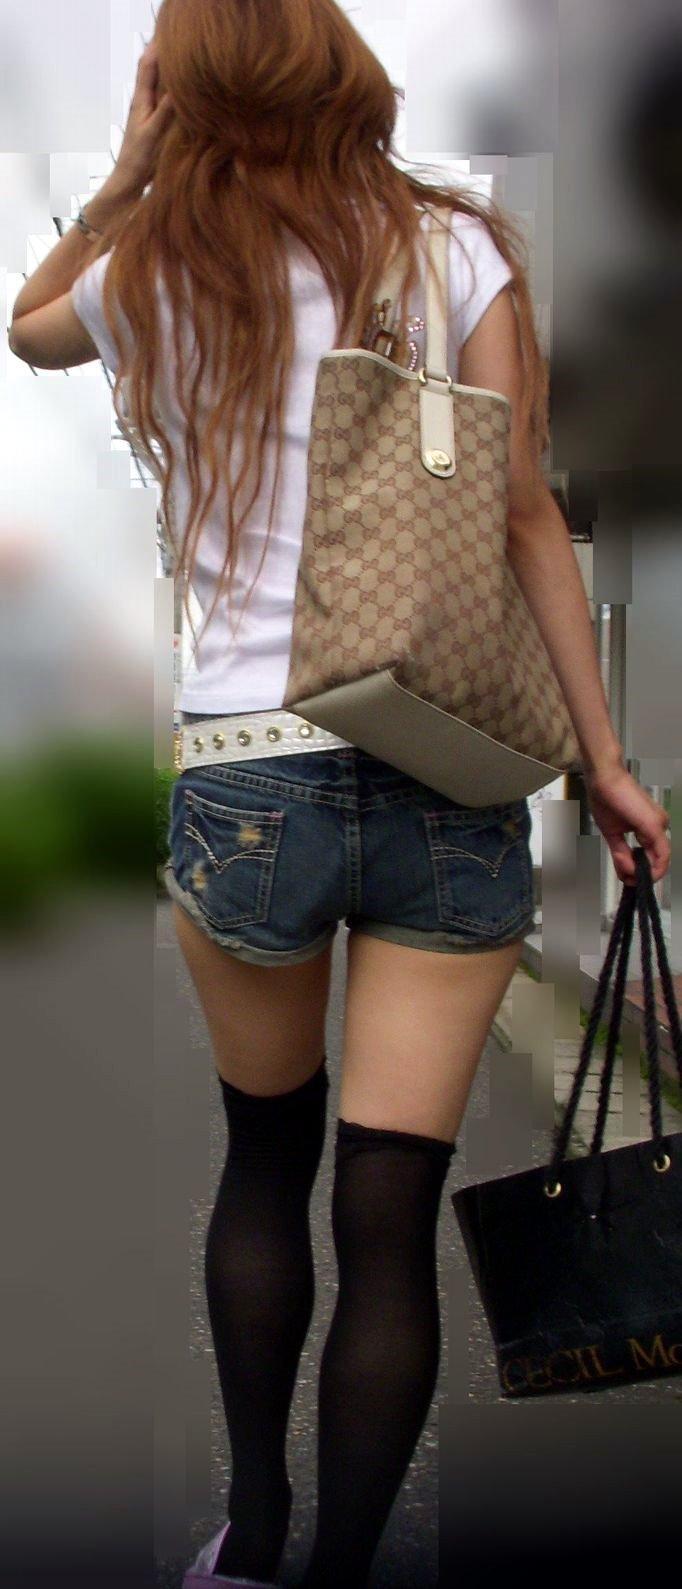 デニムショーパンに白Tシャツを着た素人街撮りエロ画像011